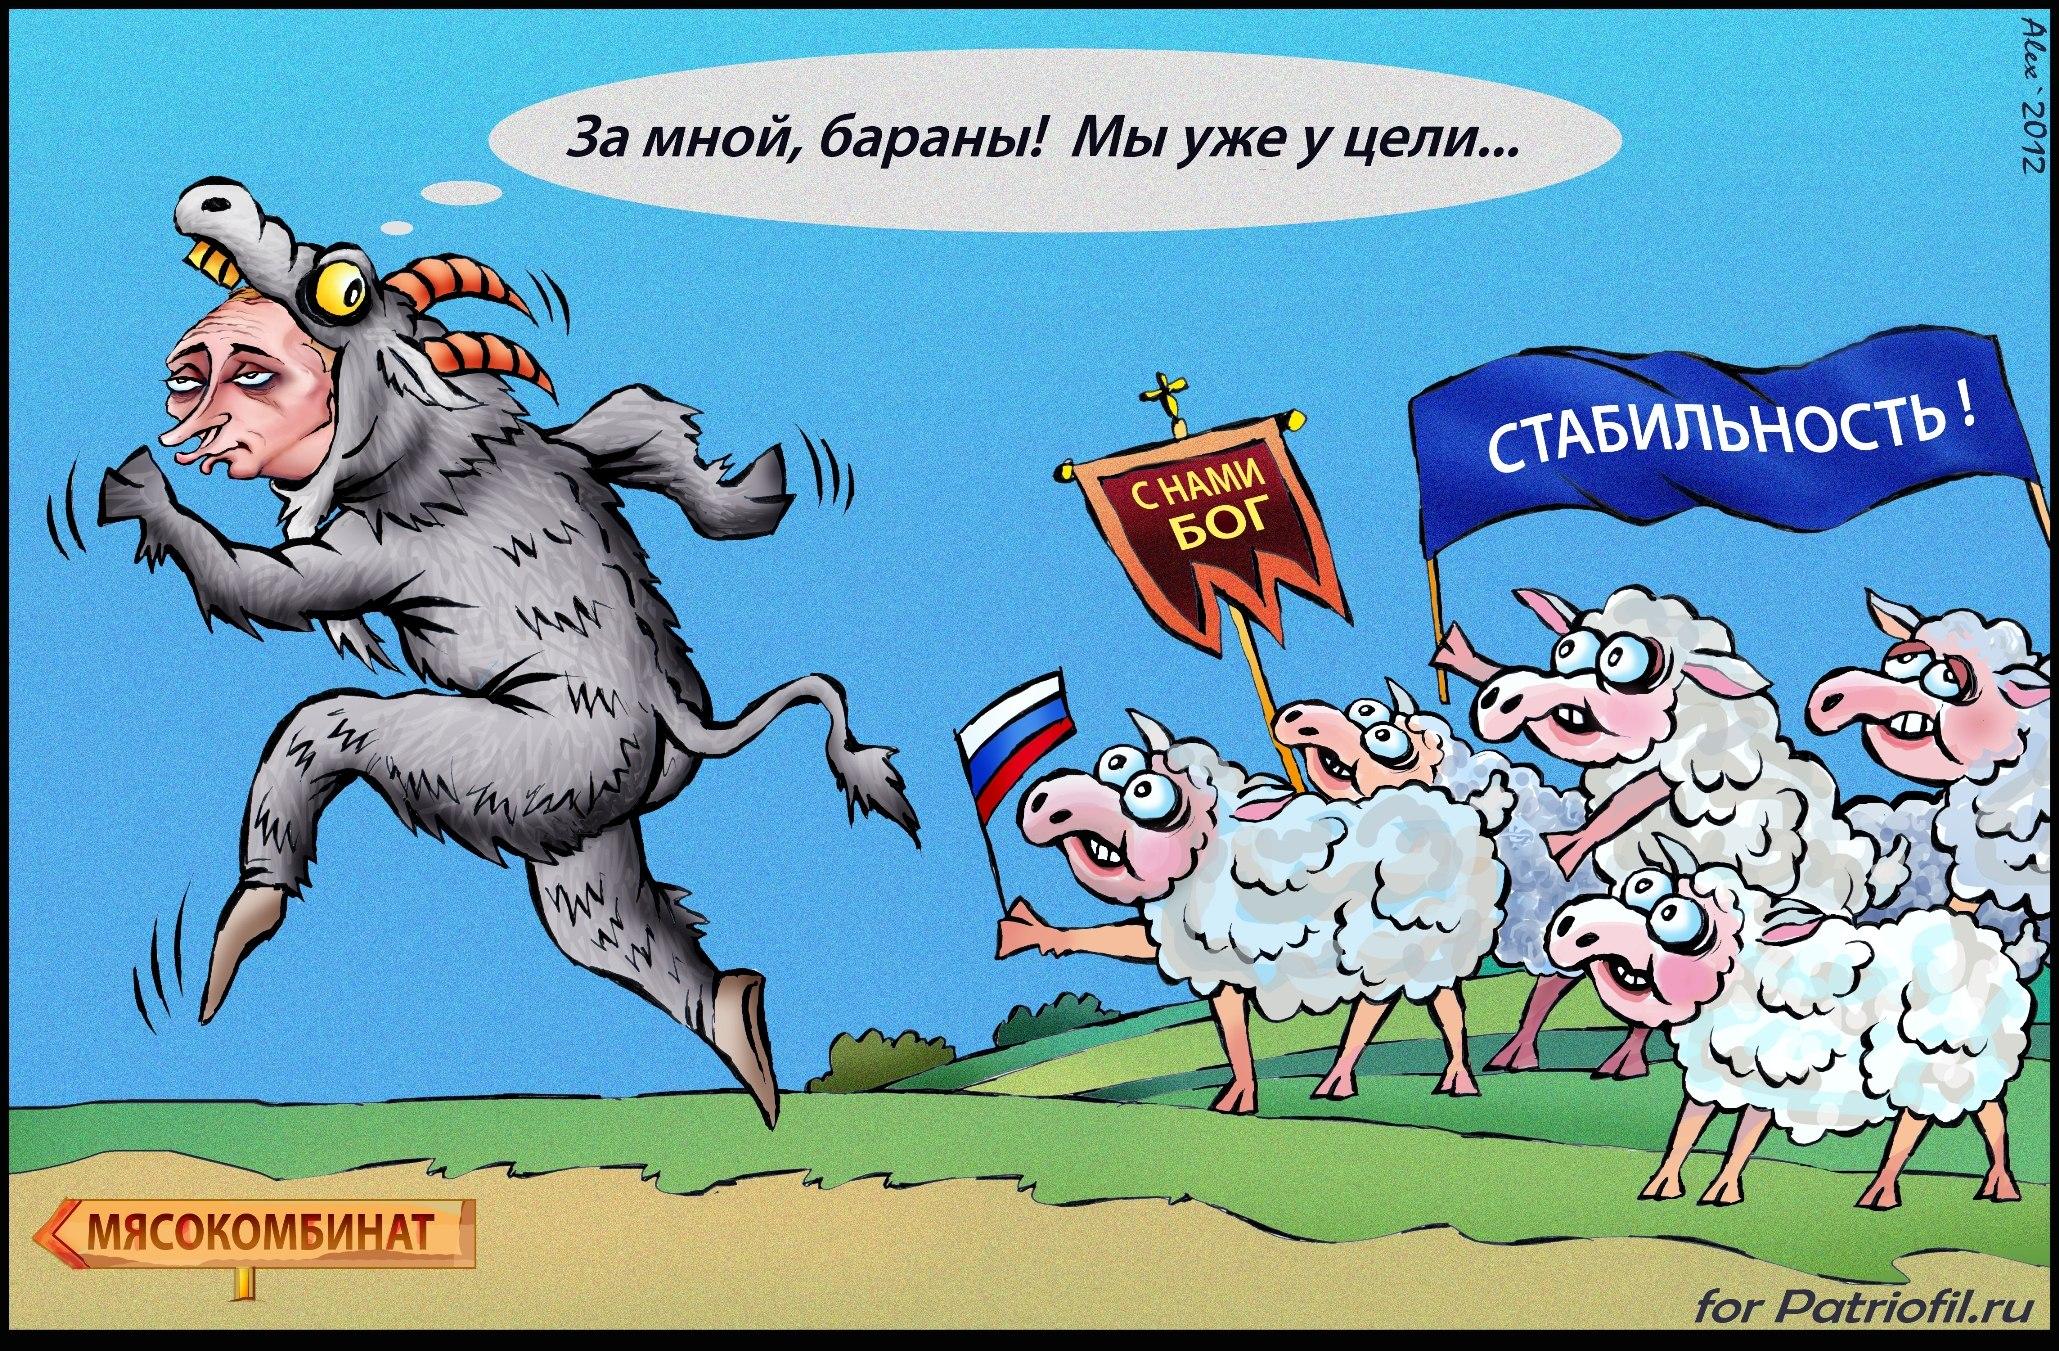 Турчинов: Сильная, могущественная, демократическая Украина - это могильщик Путина - Цензор.НЕТ 2873